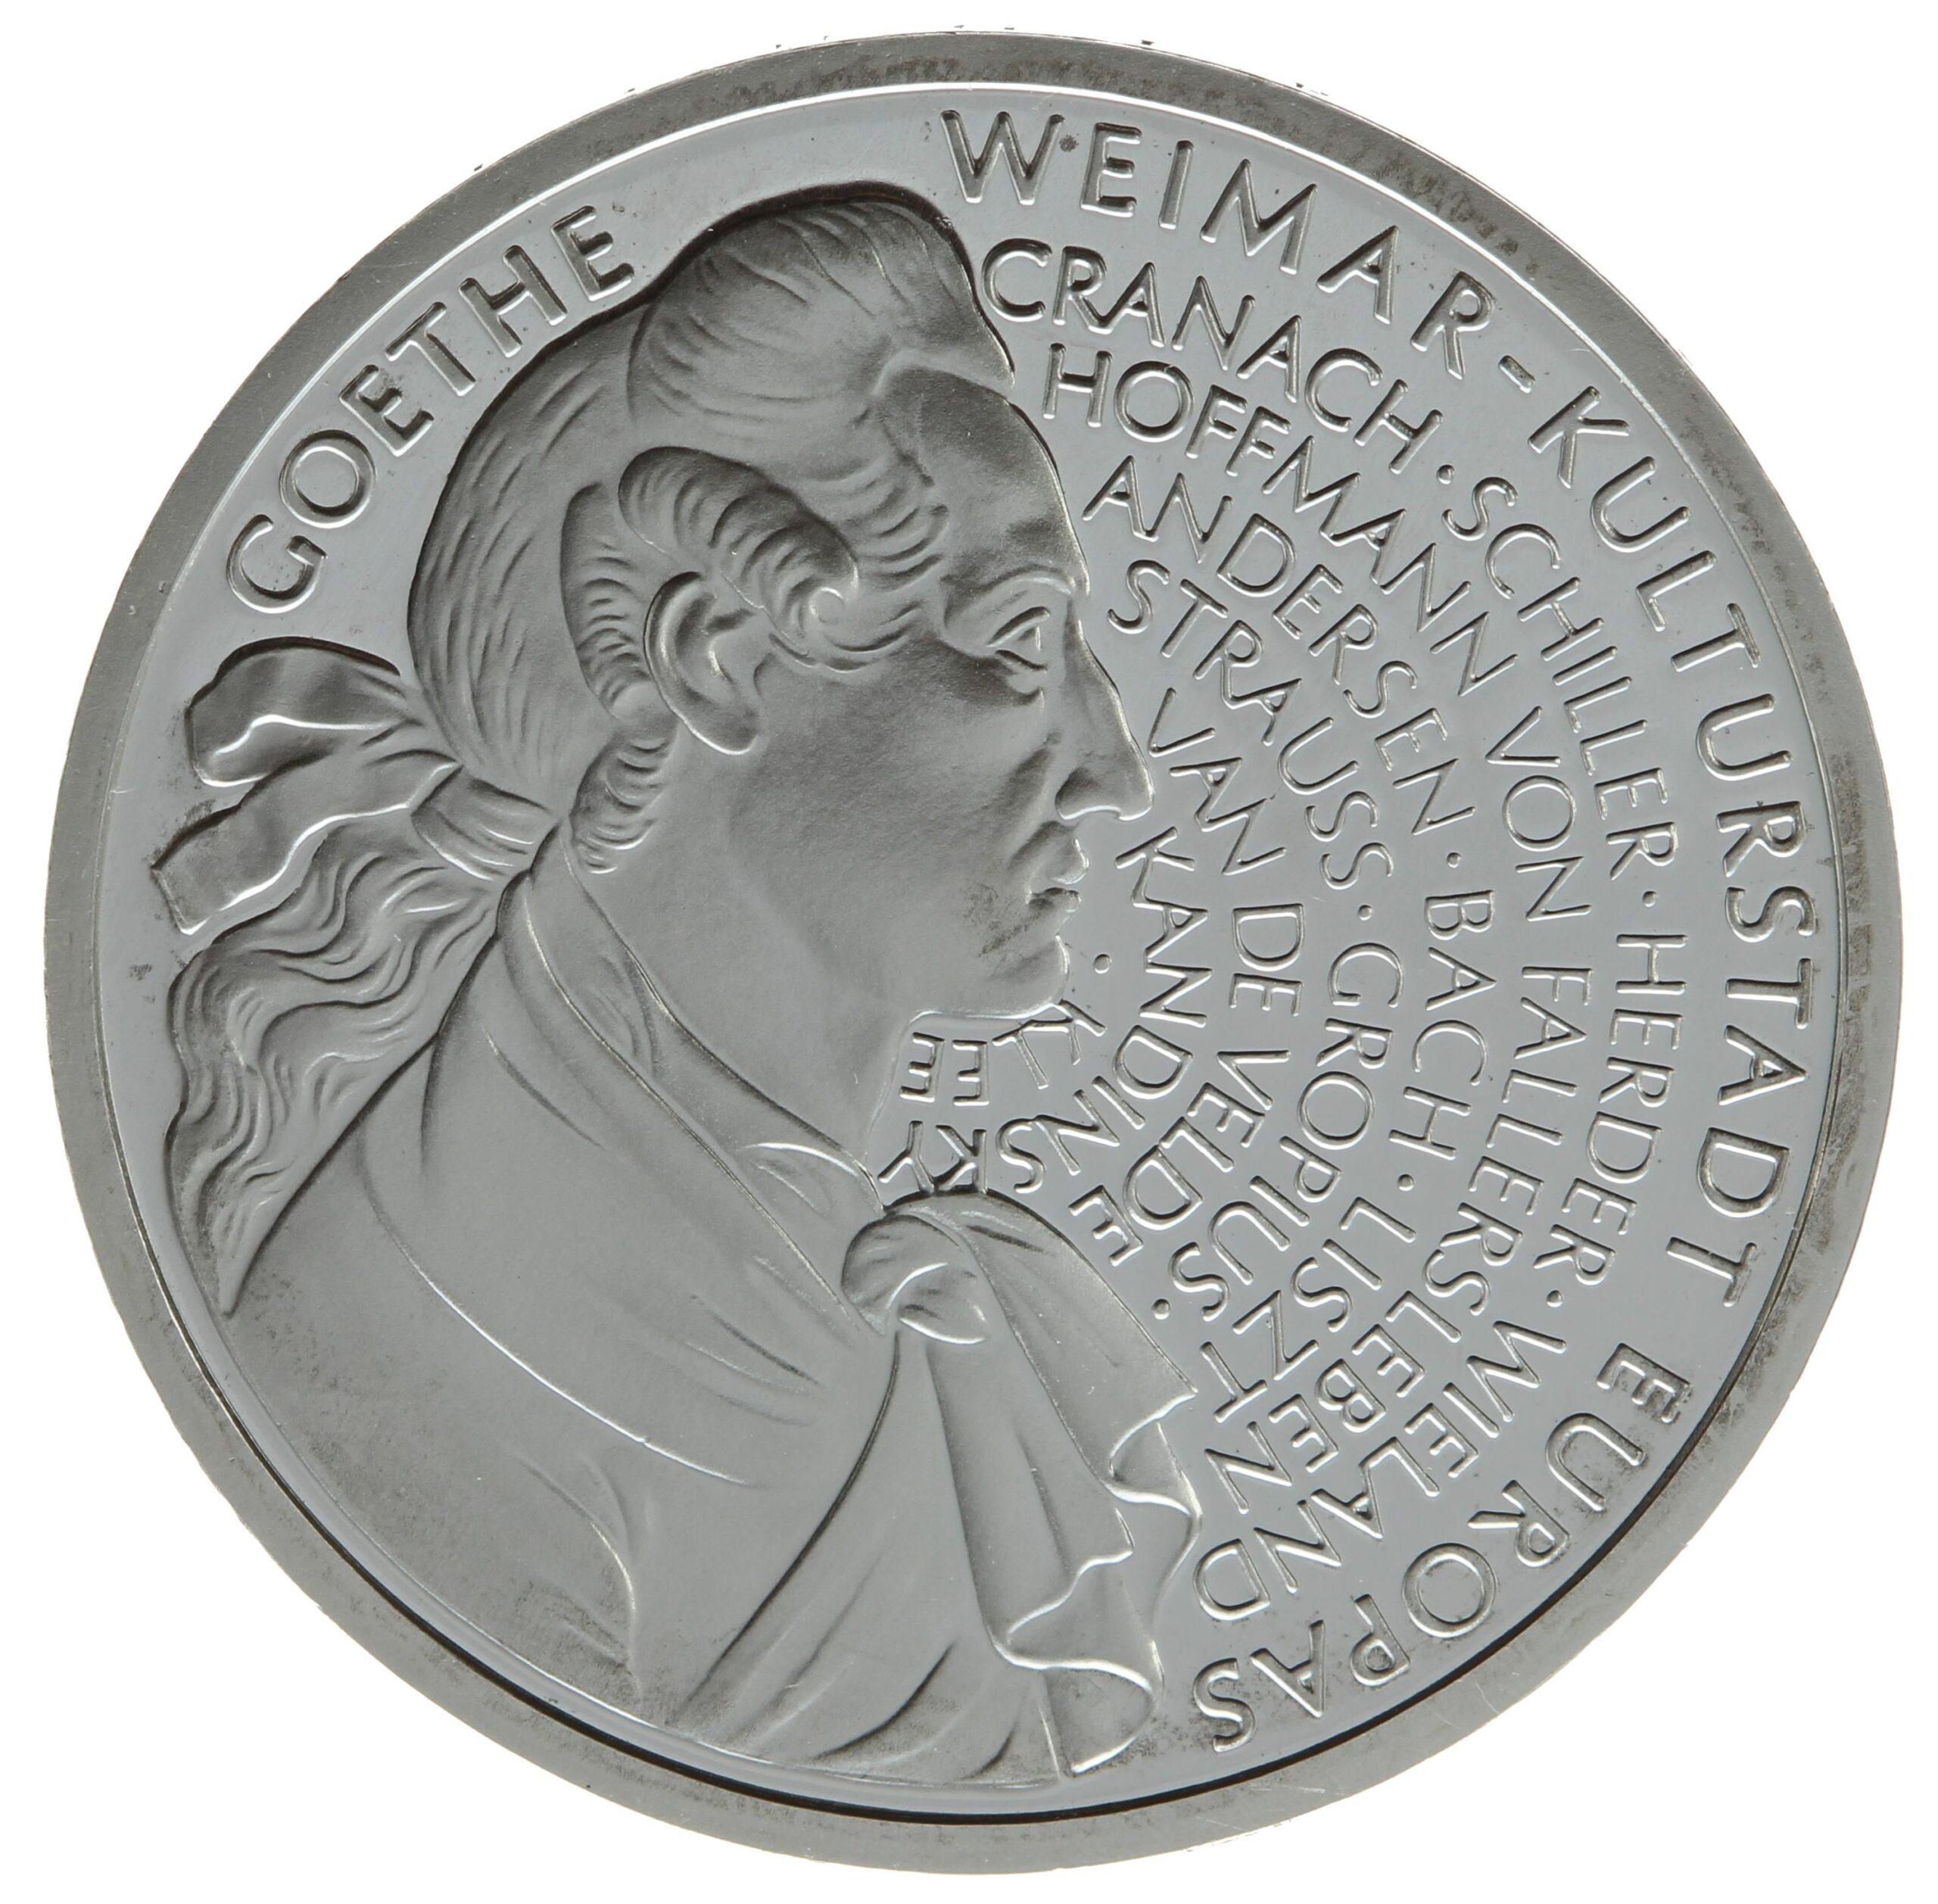 DE 10 Deutsche Mark 1999 F